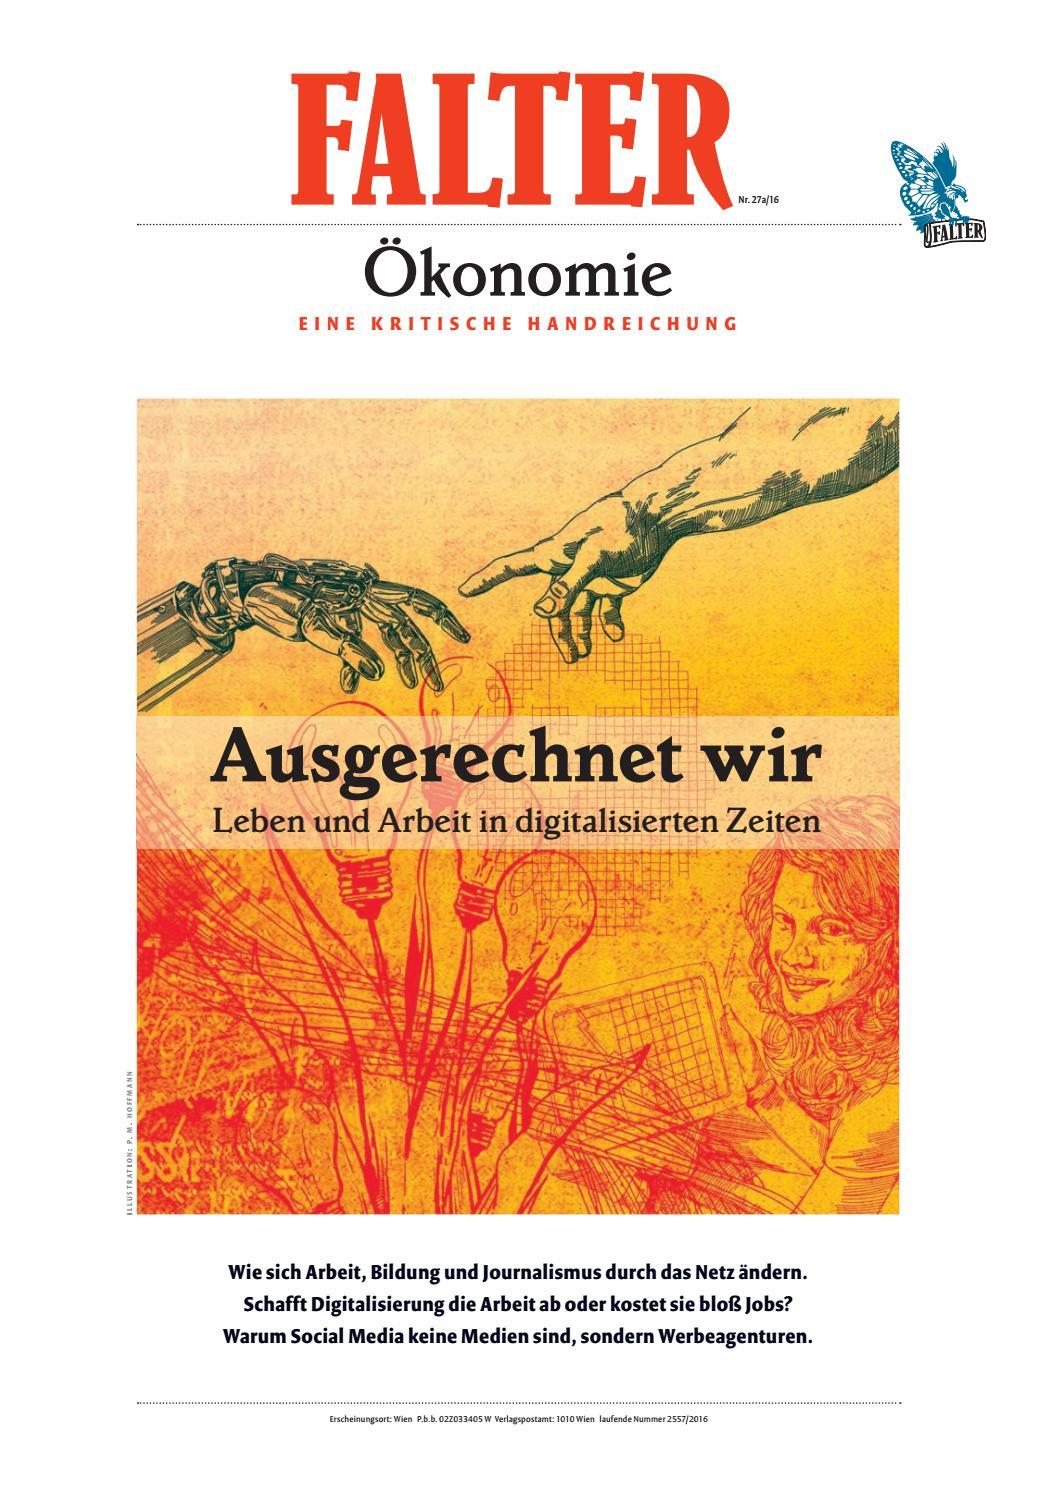 Ökonomie 2016 by Falter Verlagsgesellschaft m.b.H. - issuu